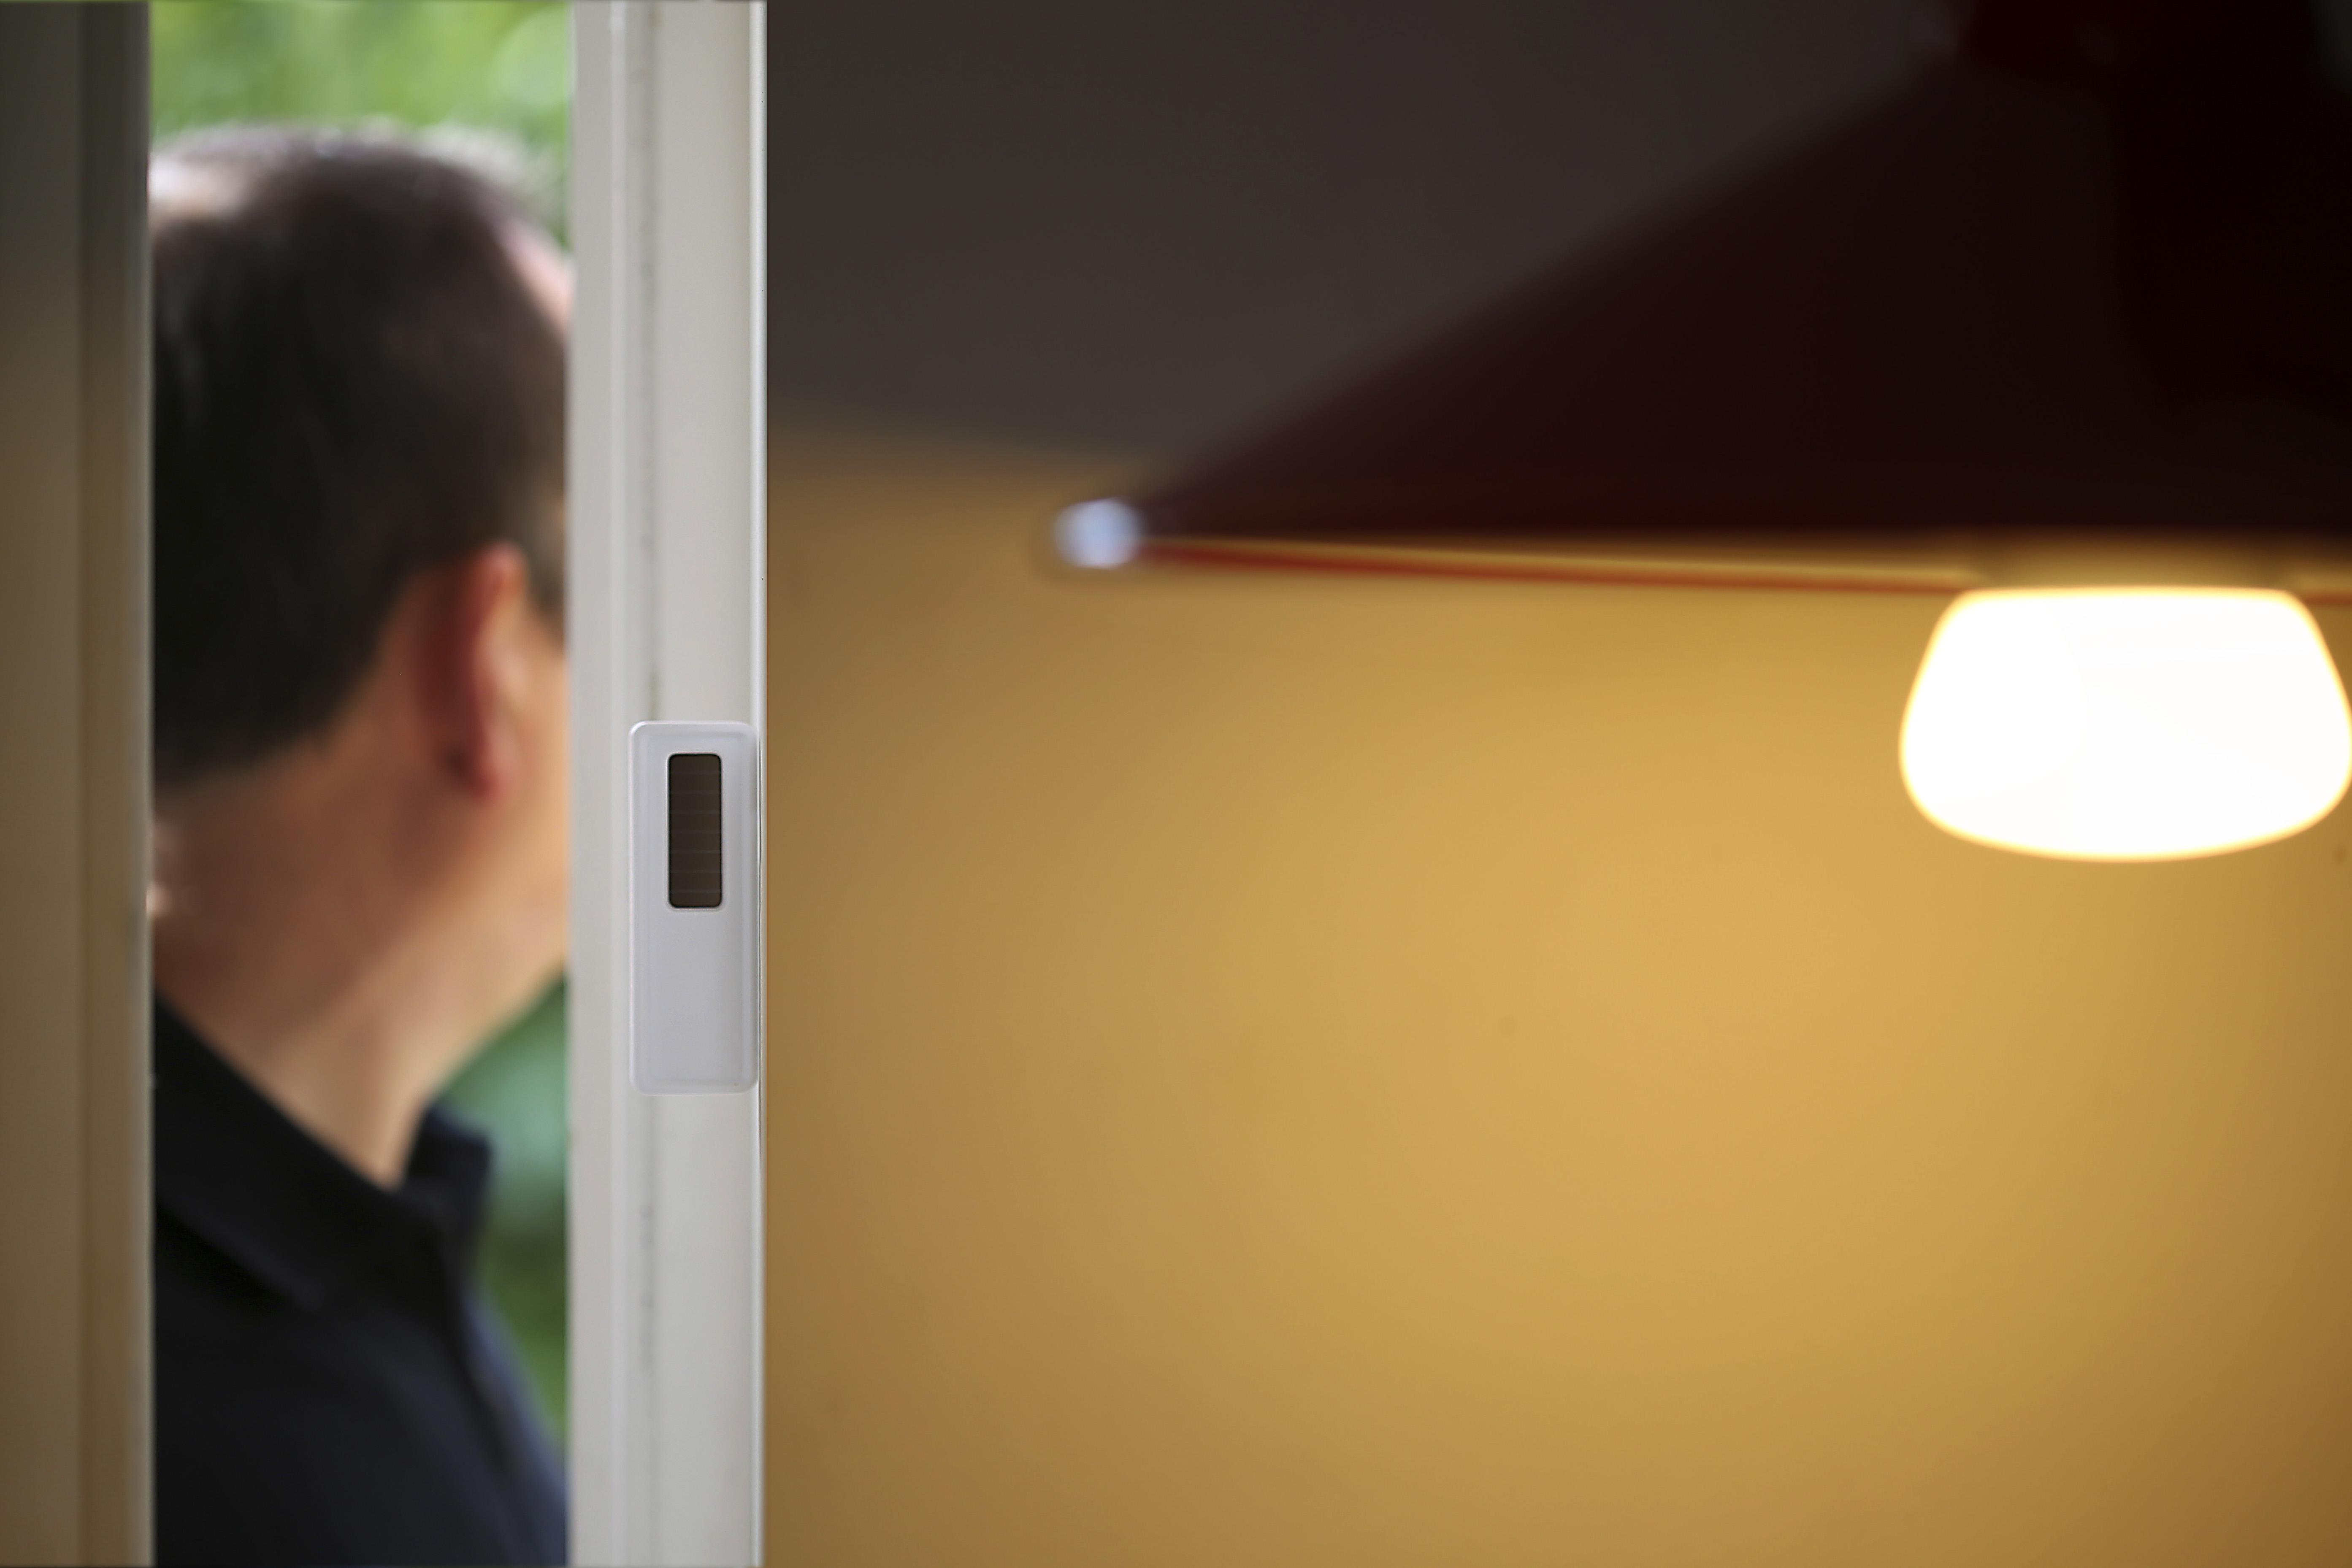 Door/Window opening sensor